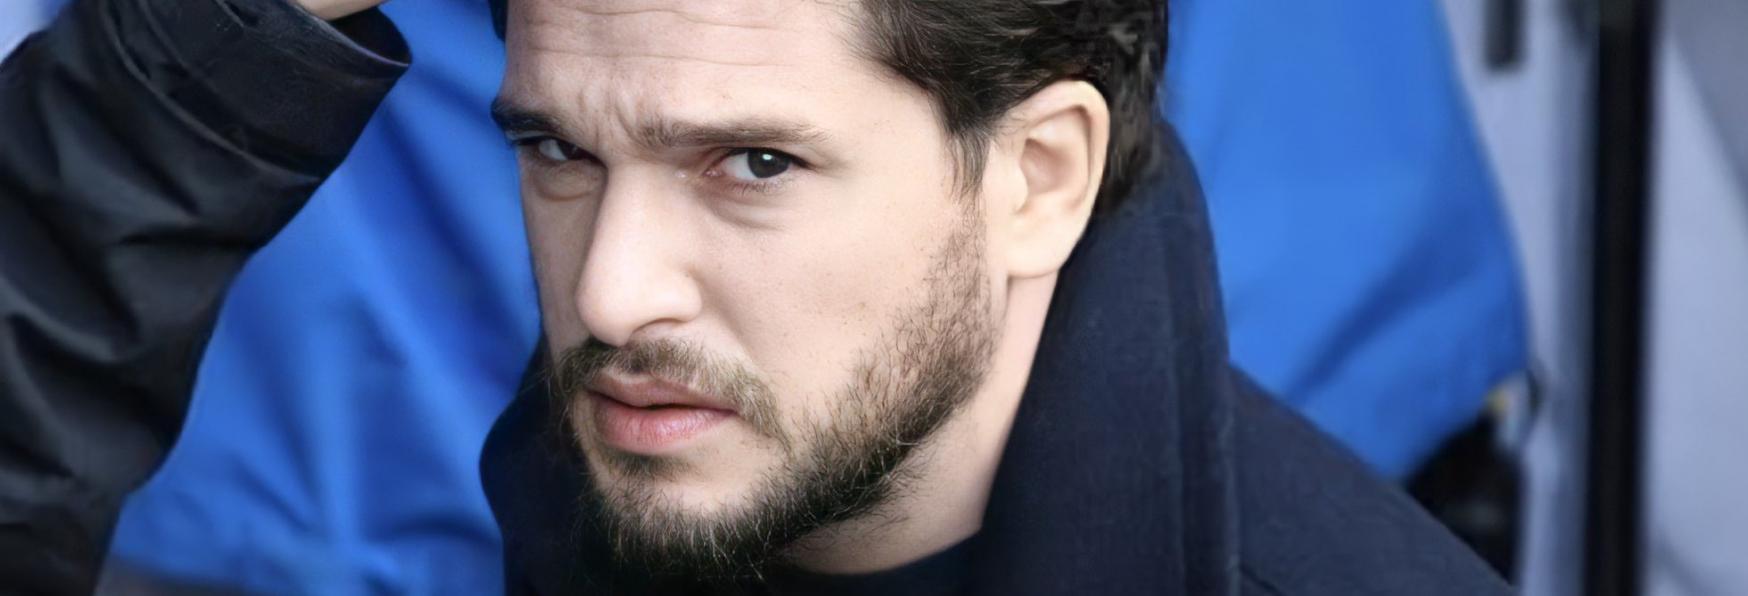 Modern Love 2: nella nuova Stagione ci sarà la star di Game of Thrones Kit Harington